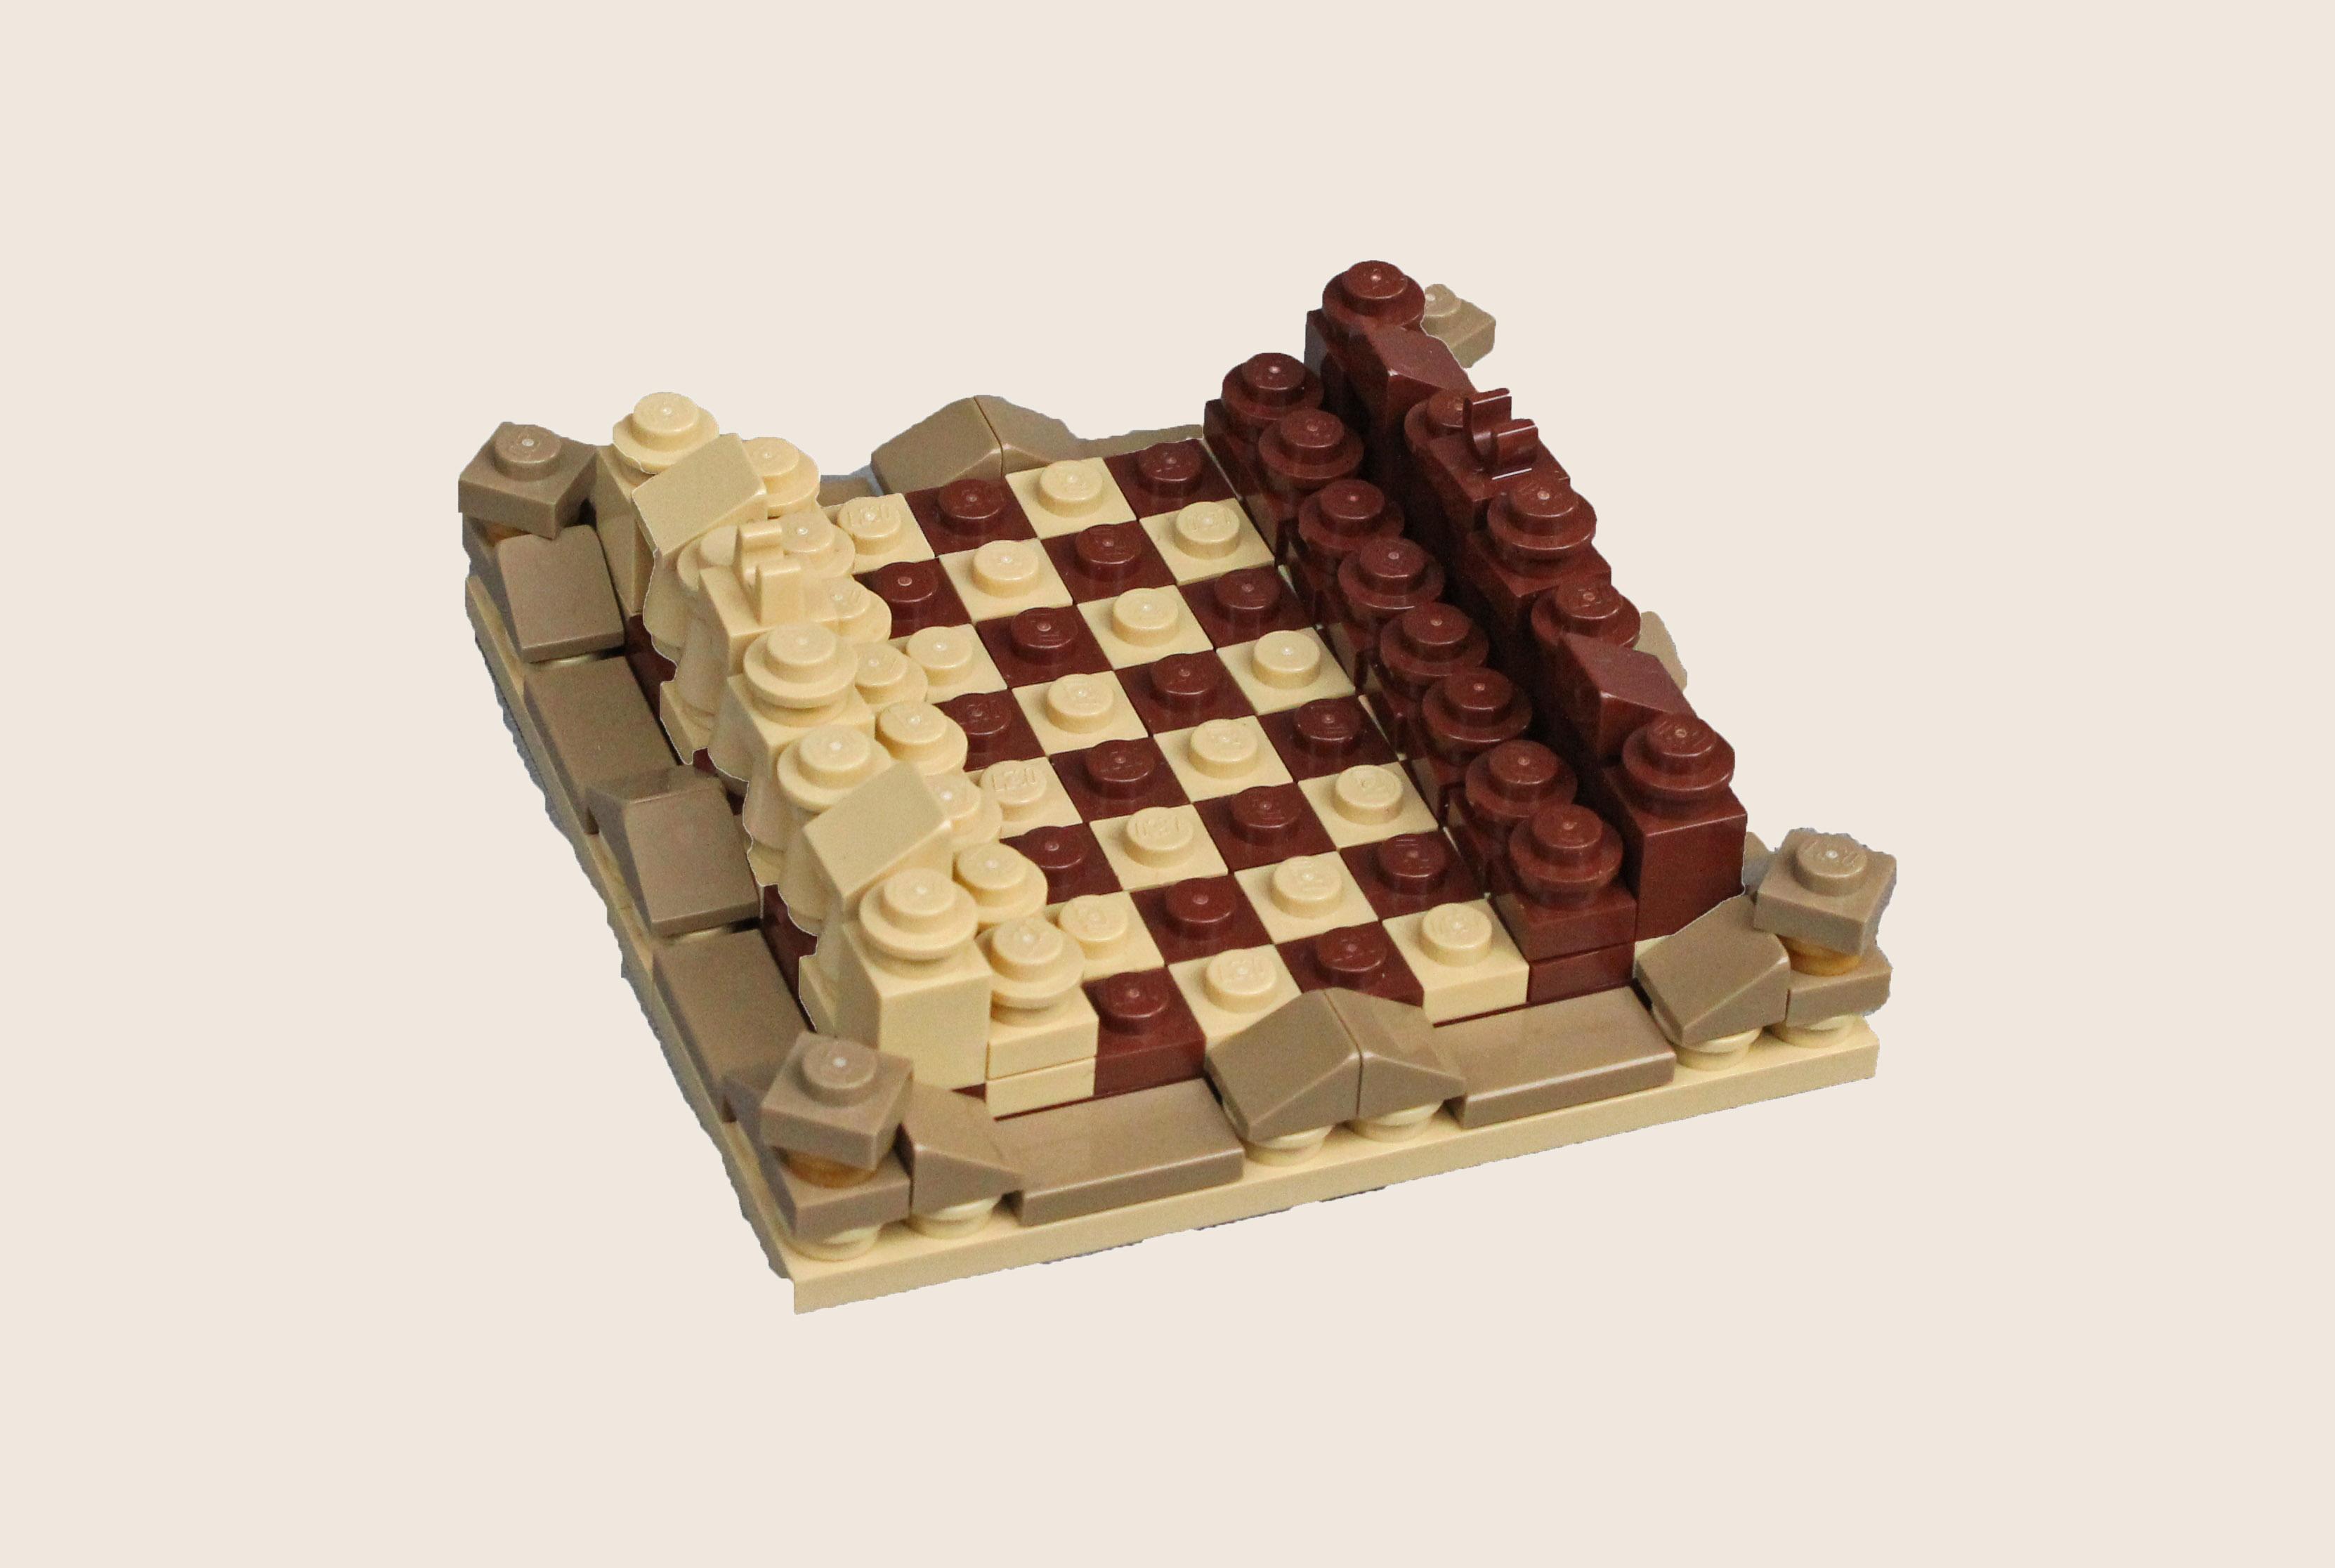 chess_b2.jpg